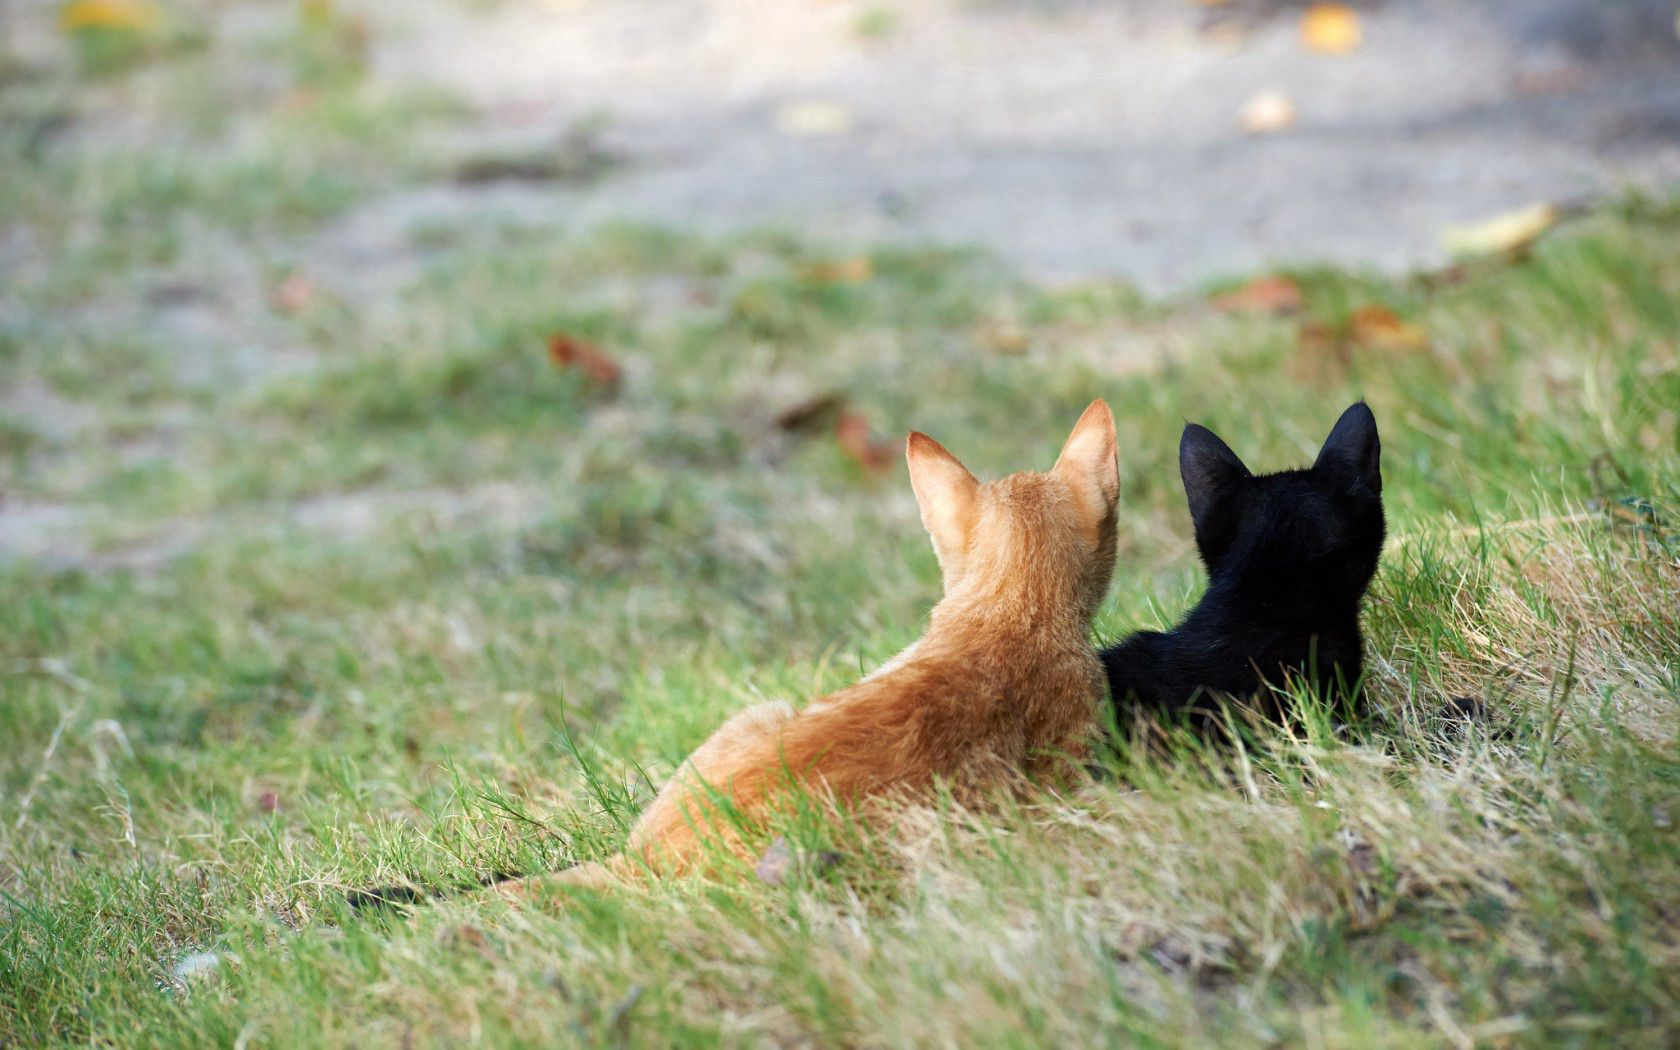 131096 Hintergrundbild 128x160 kostenlos auf deinem Handy, lade Bilder Tiere, Grass, Kätzchen, Paar, Das Schwarze, Rothaarige 128x160 auf dein Handy herunter